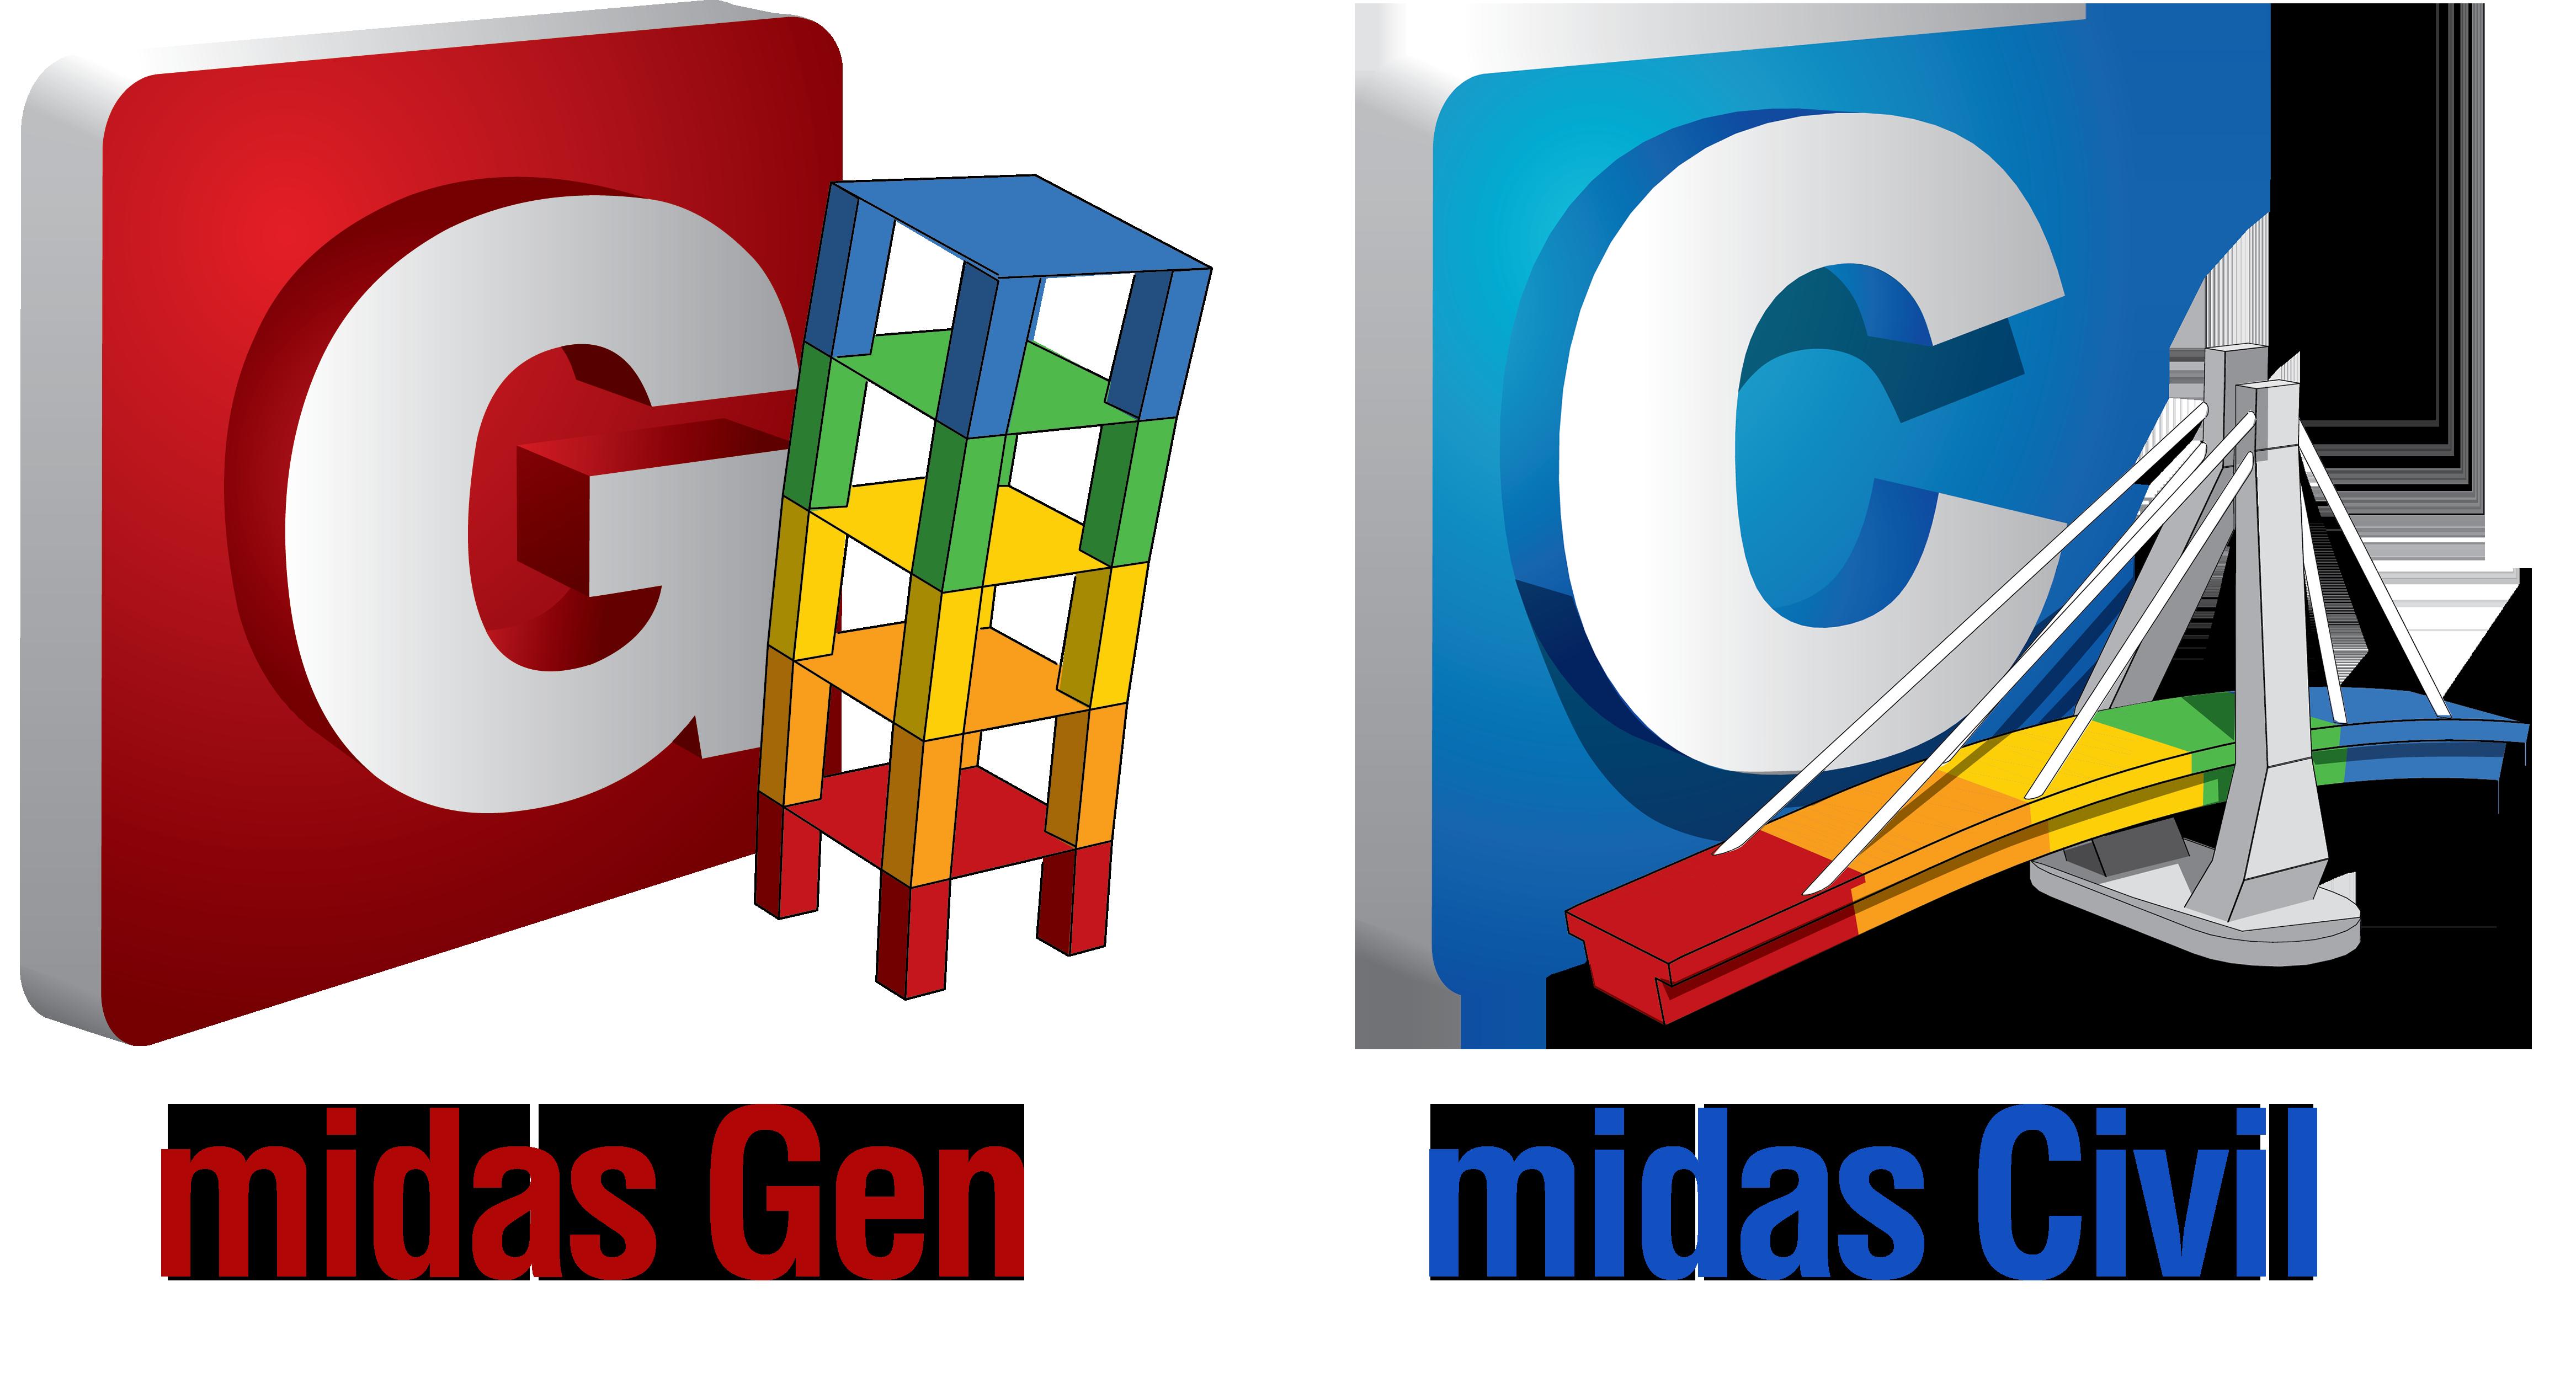 midas logos-02 copy.png